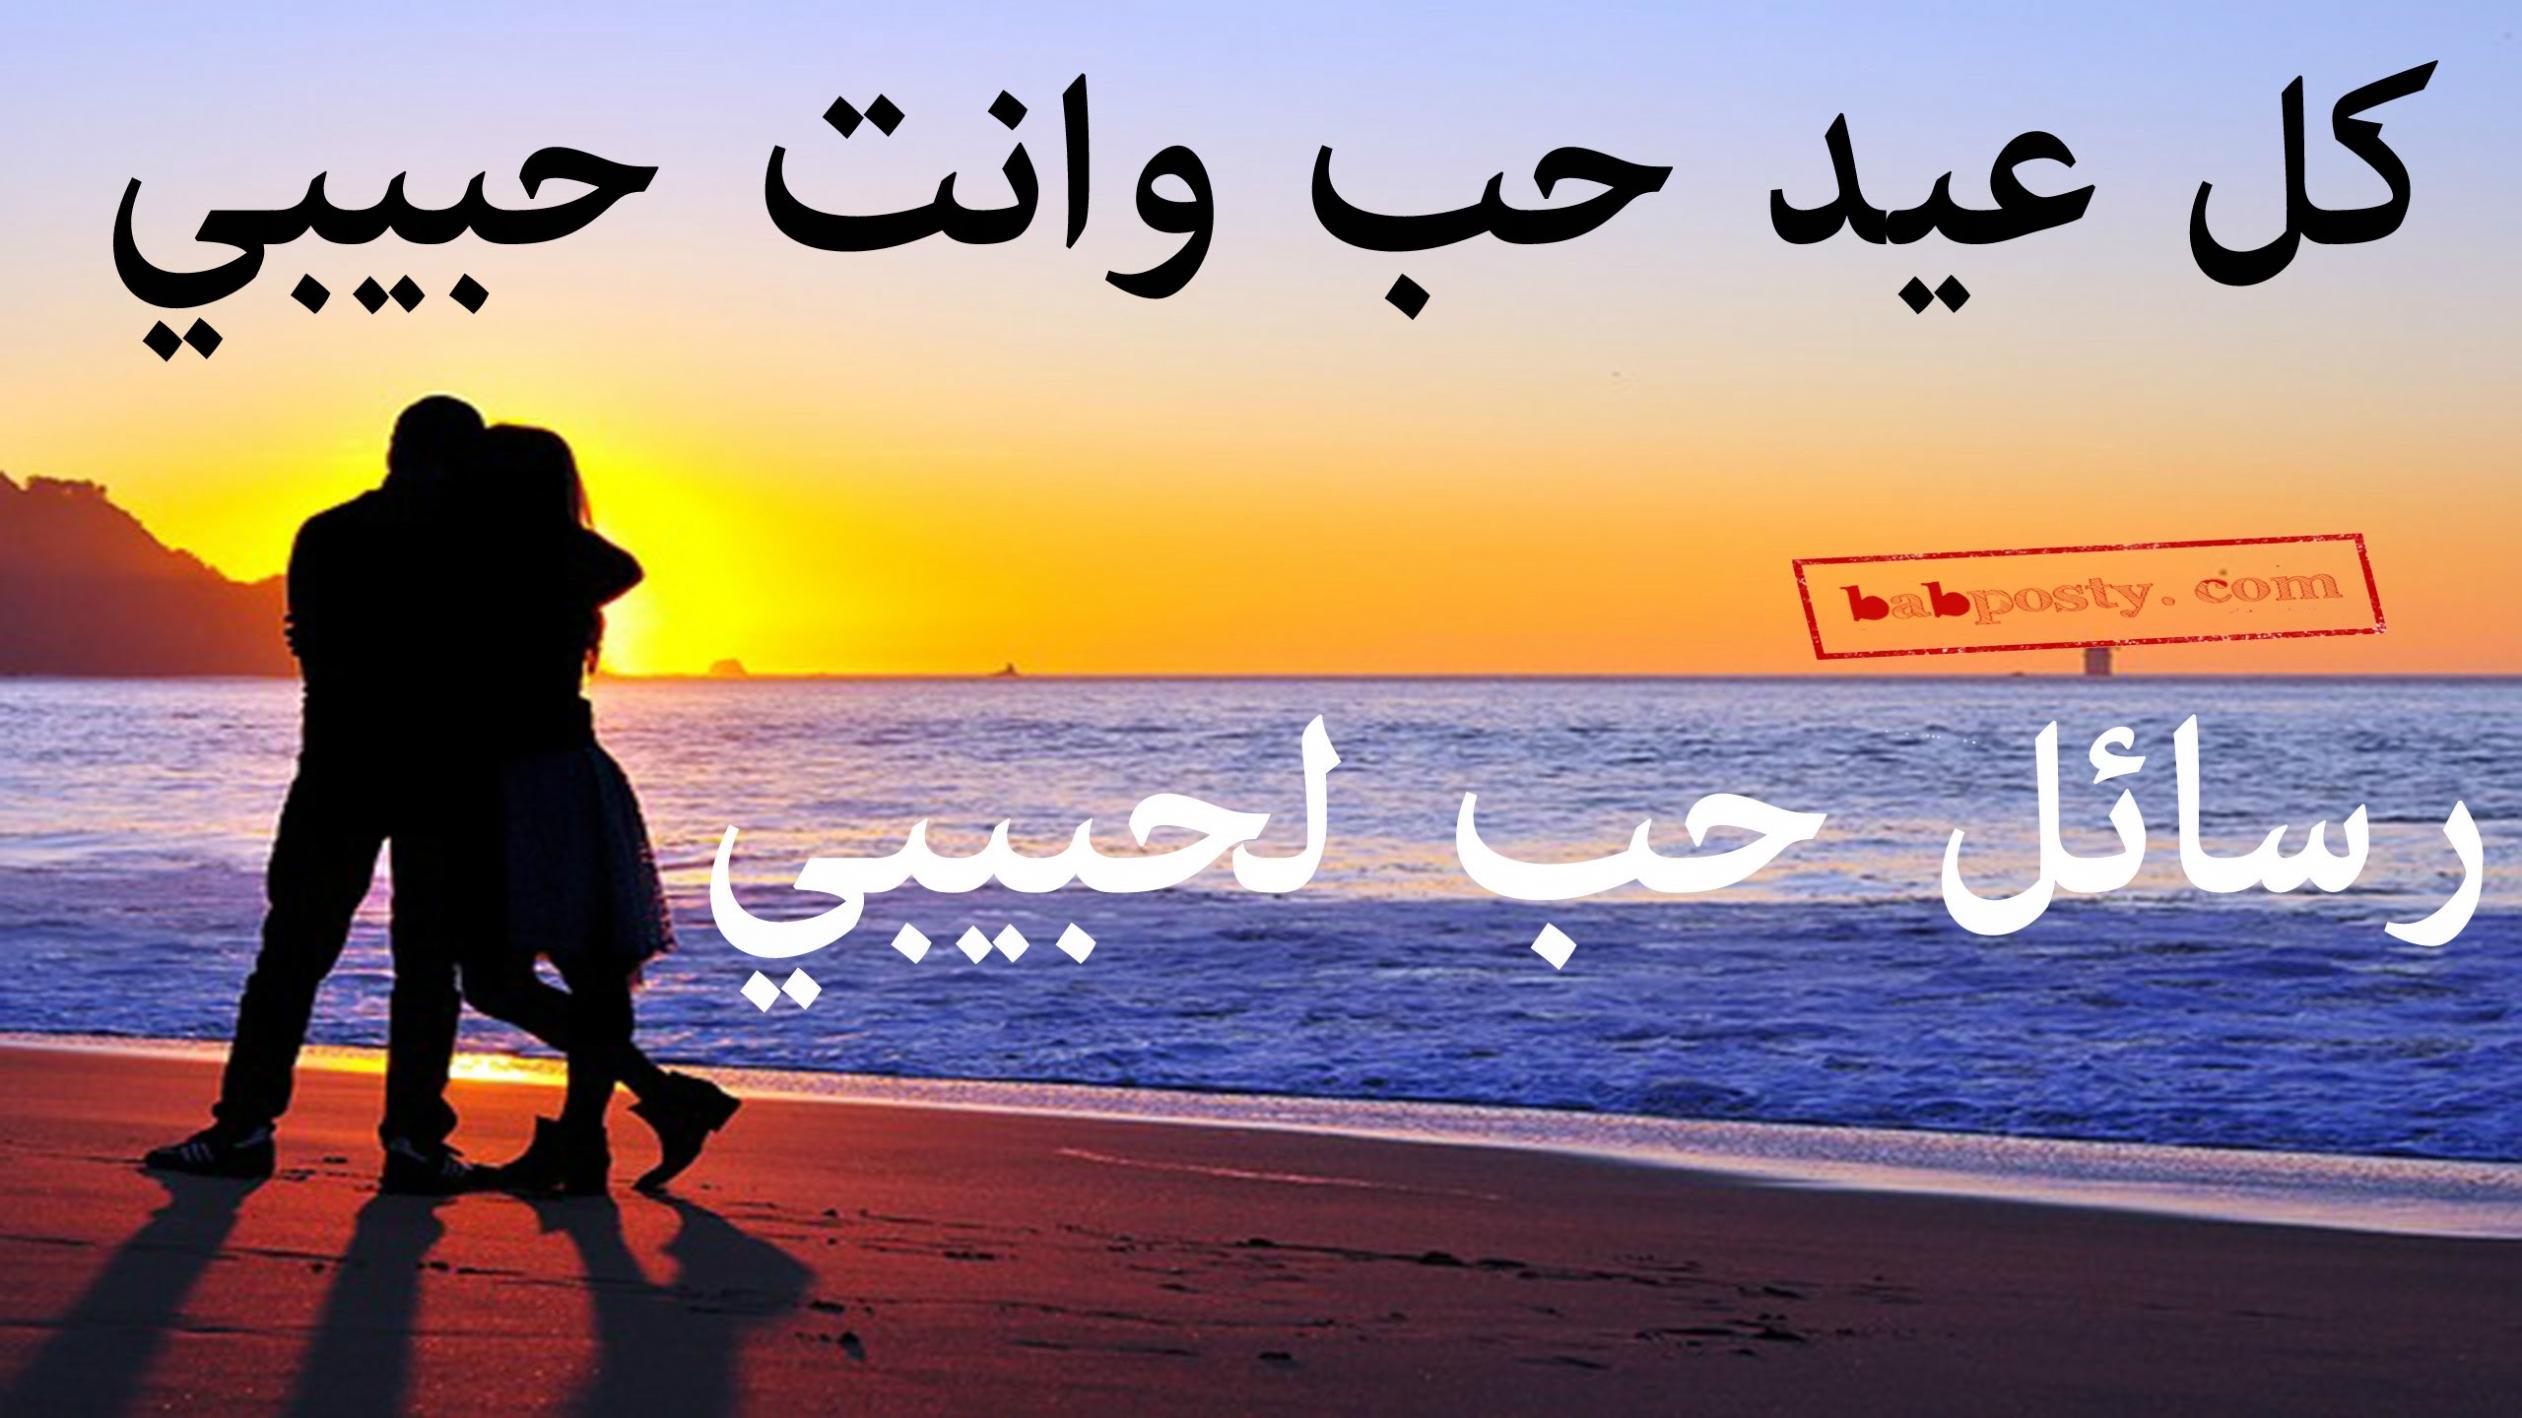 صورة كلمات كالعاصفة تحتل قلب زوجك , عبارات لحبيبي اجمل عباره للحبيب 30925 3